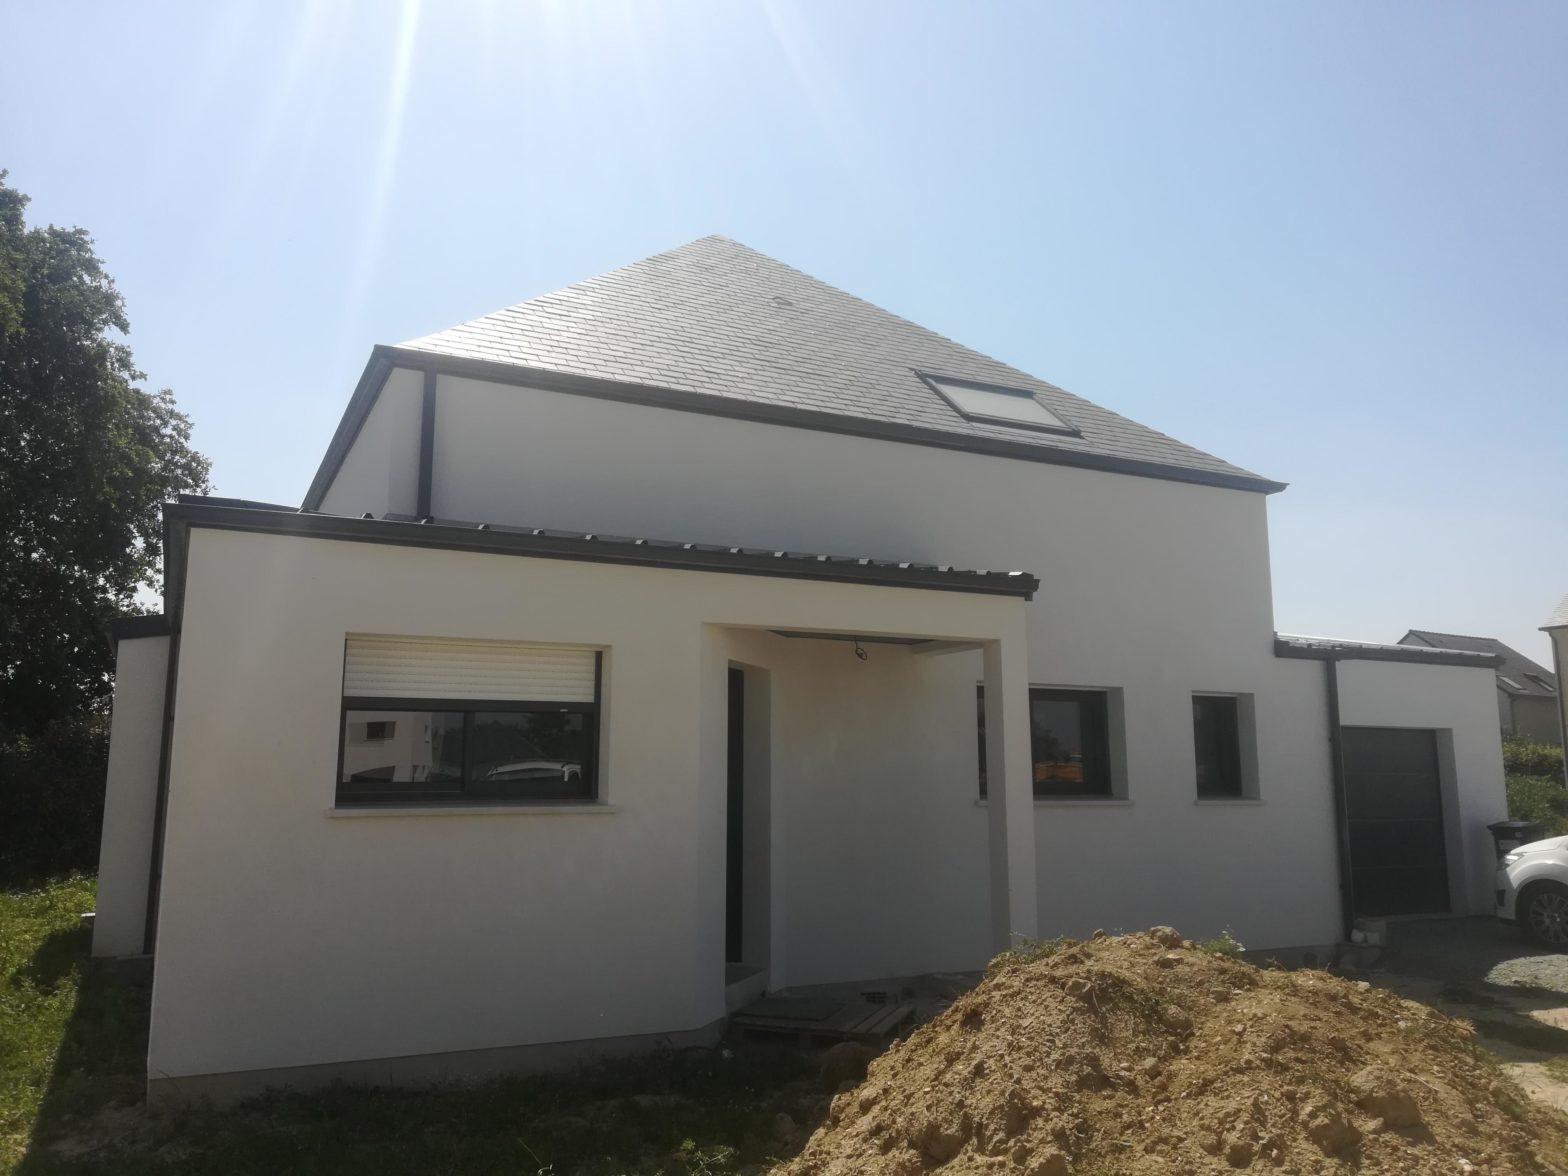 maison etage comble toiture ardoise la dagueniere